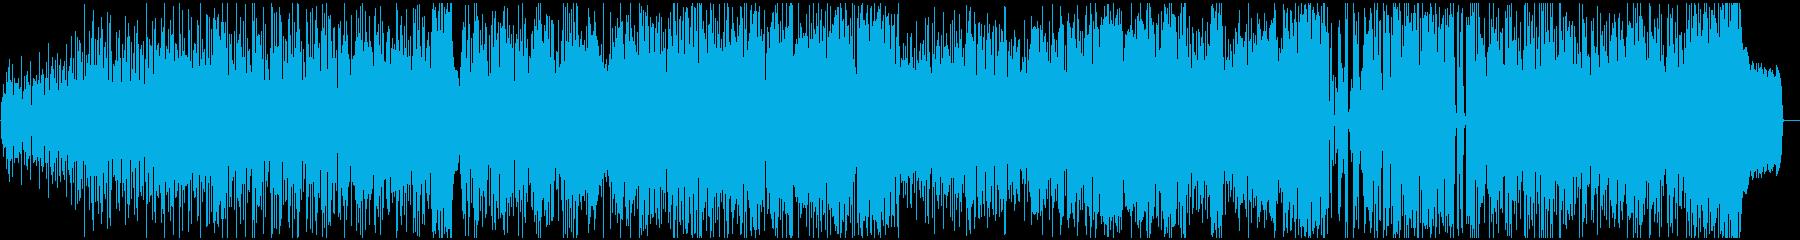 イントロドラムと1mnのオルガンと...の再生済みの波形